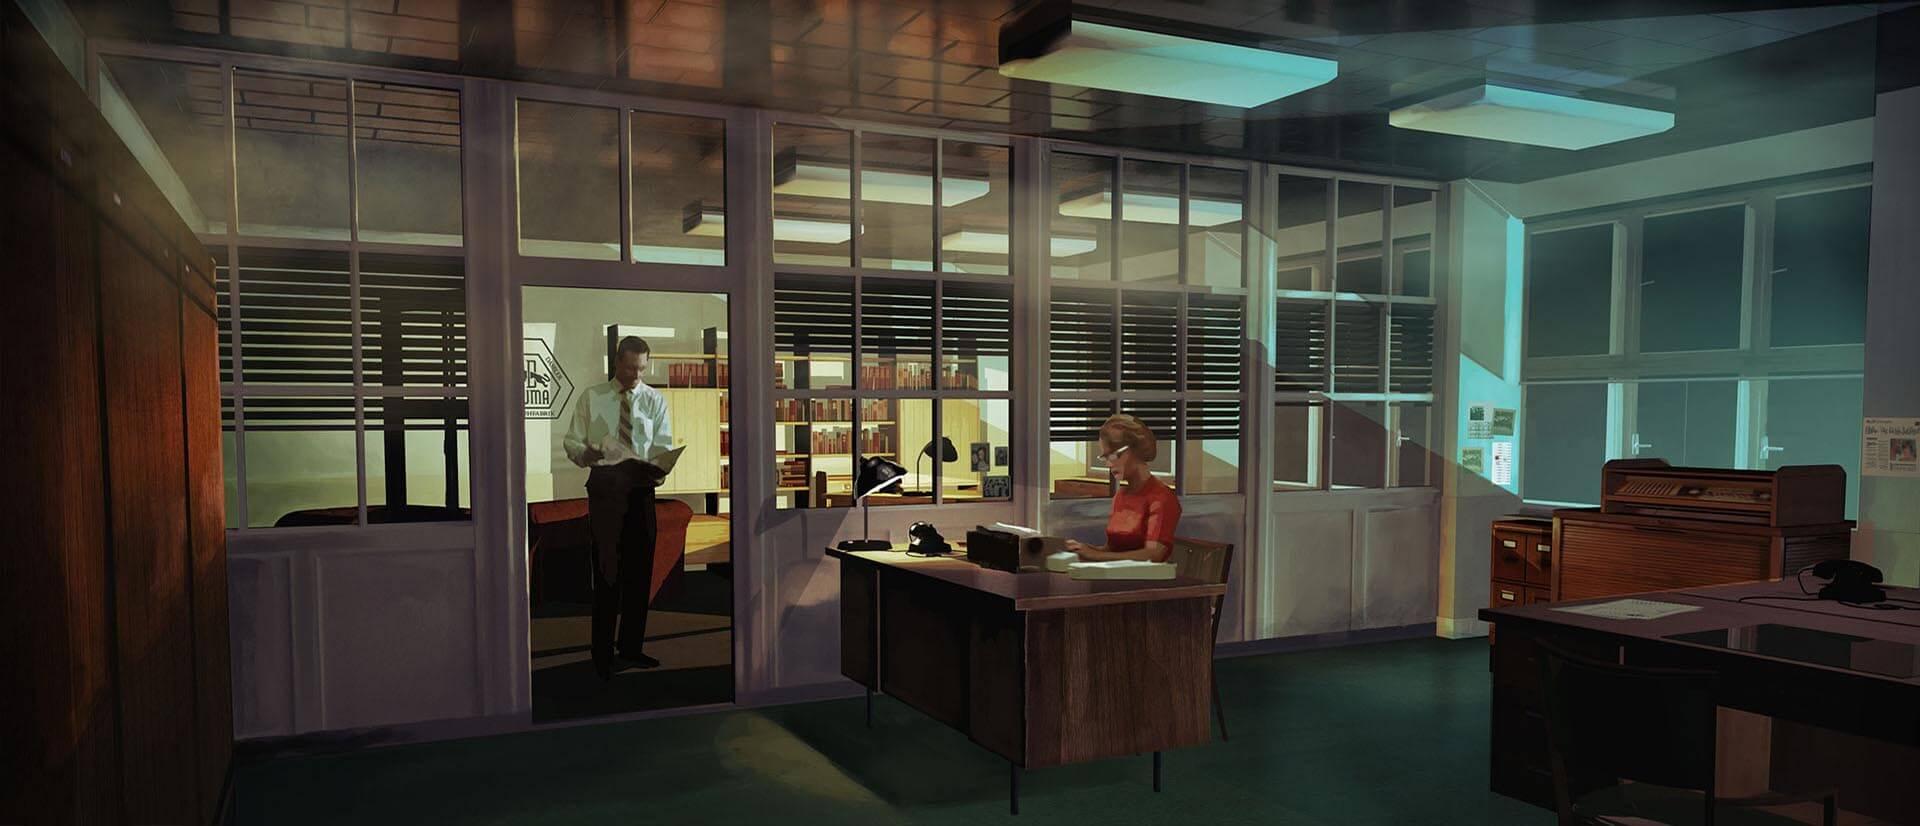 Letnany Office, Night